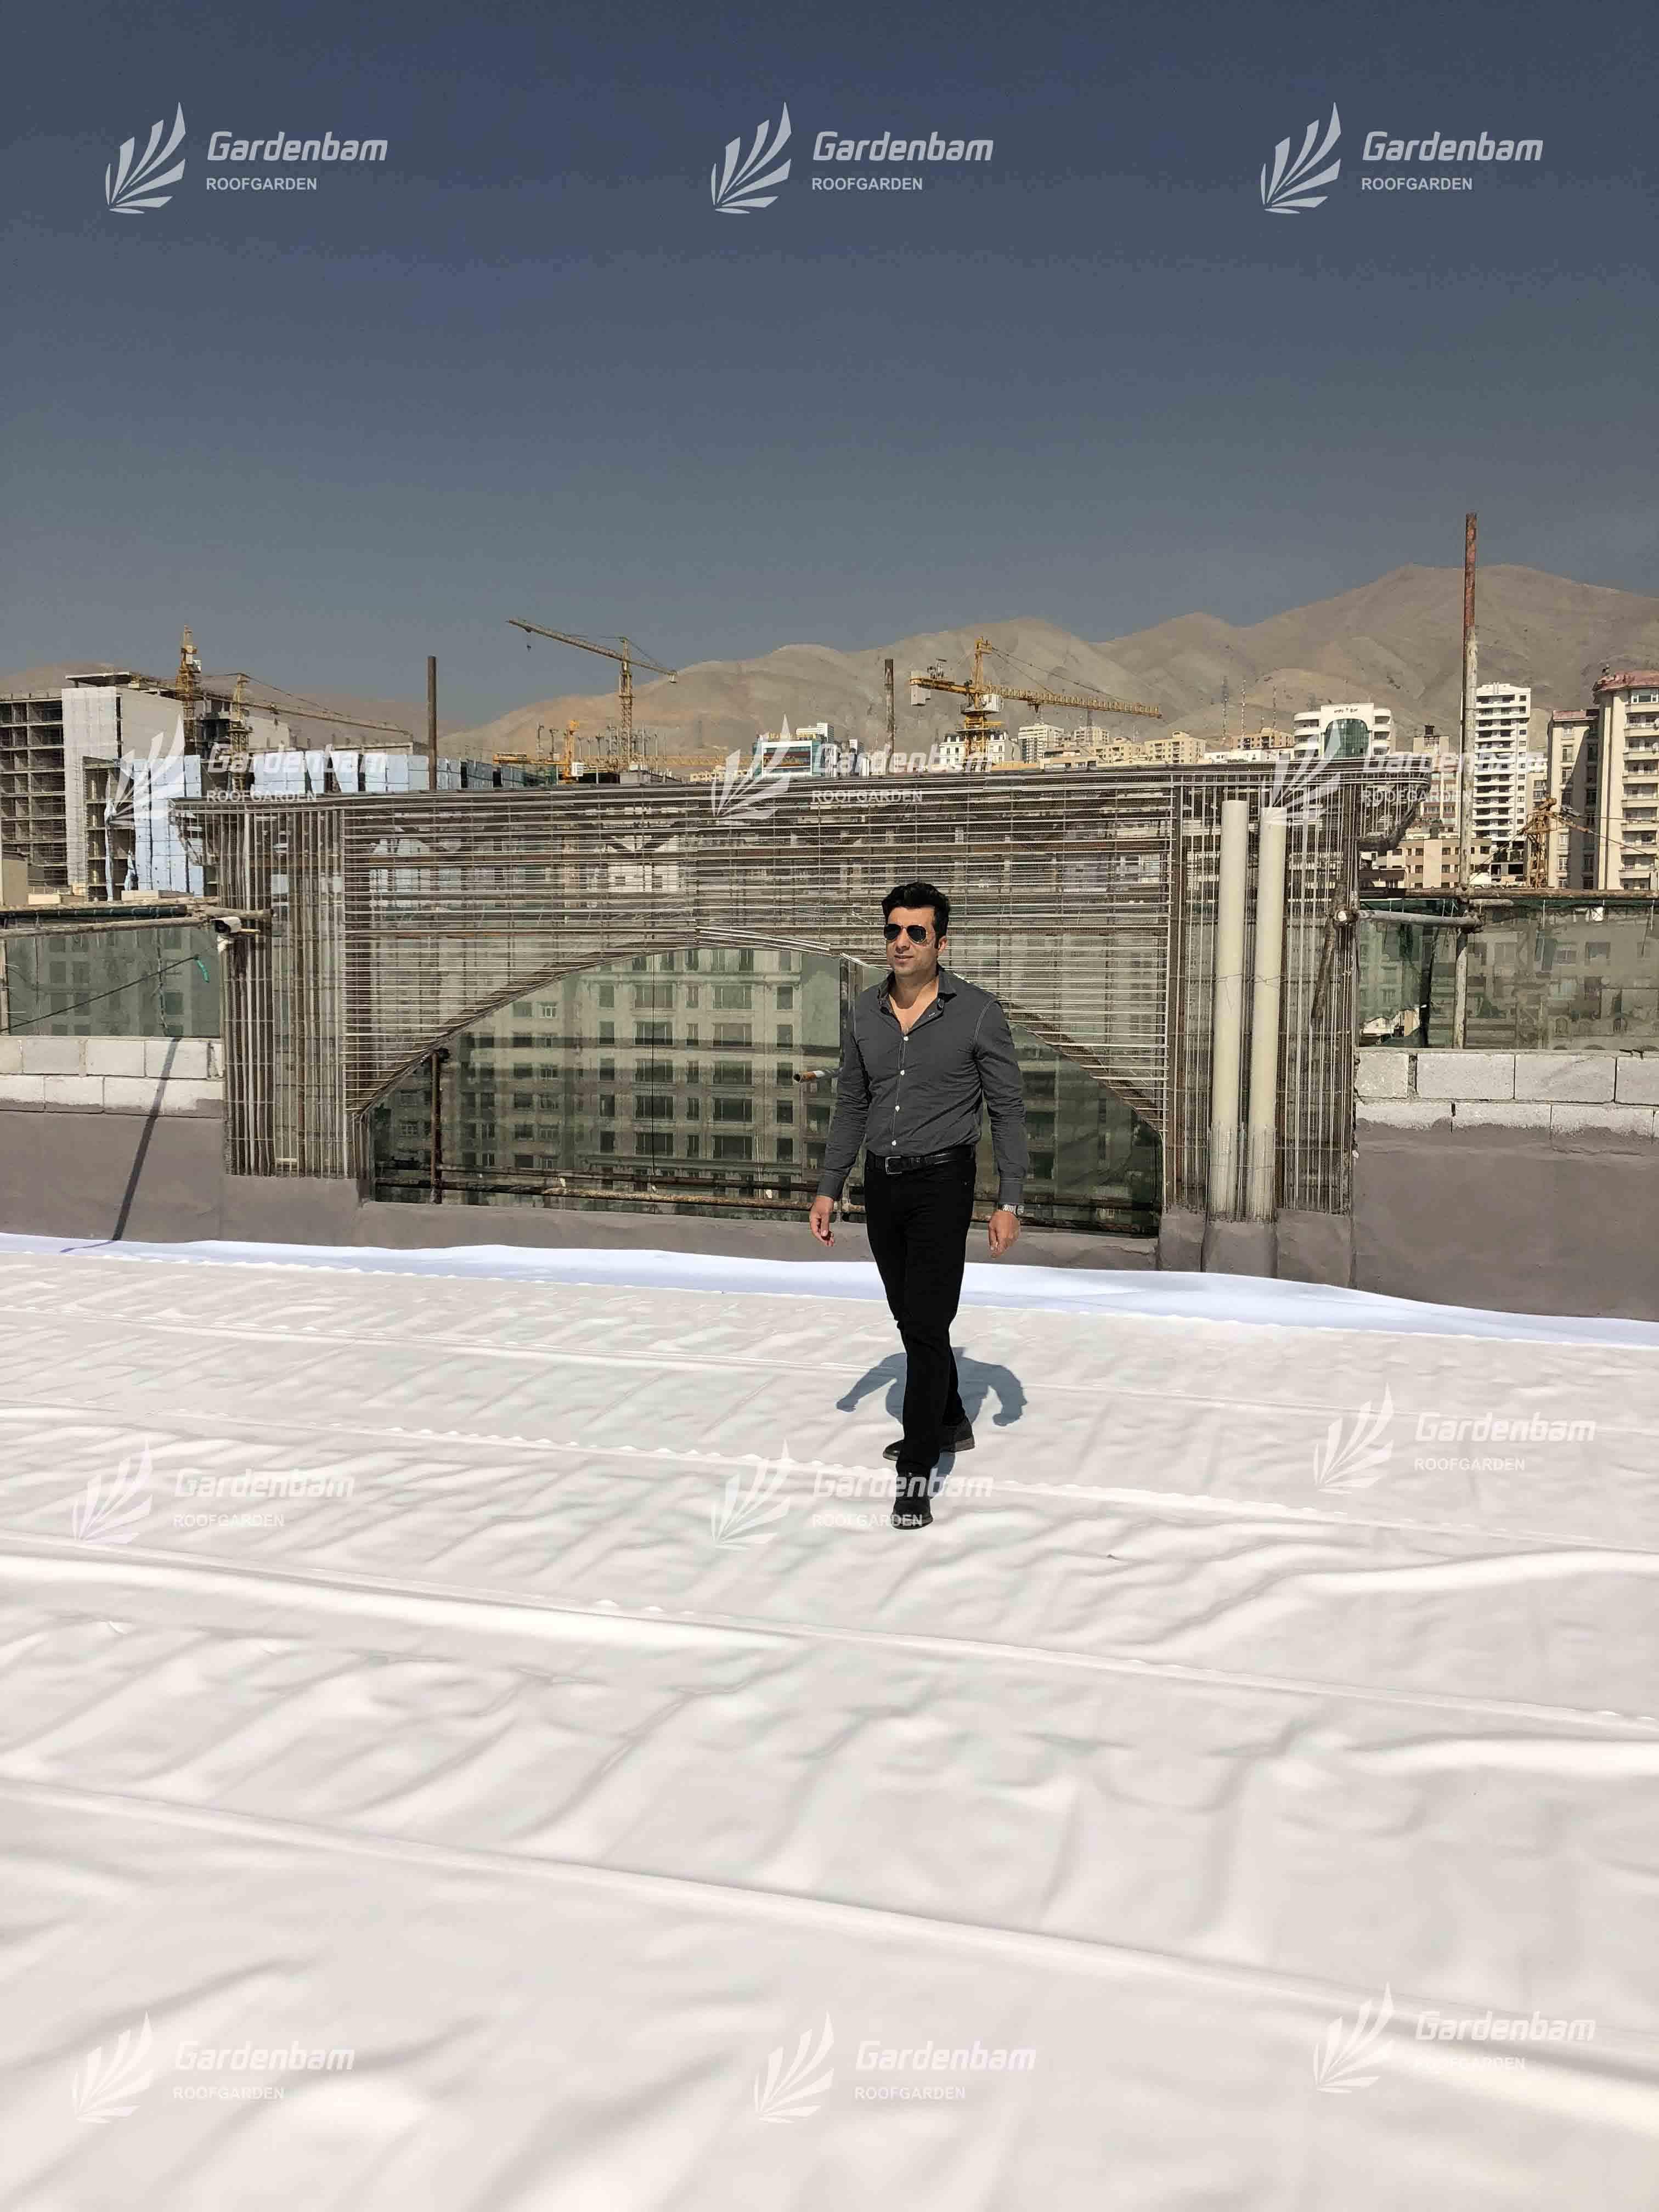 اجرای روف گاردن | اجرای بام سبز | اجرای روفگاردن | شرکت مجری روف گاردن | مجری روفگاردن در تهران | روف گاردن شرکت گاردن بام | بام سبز | پروژه | روفگاردن | آشپزخانه صنعتی | طراحی و اجرای روف گاردن